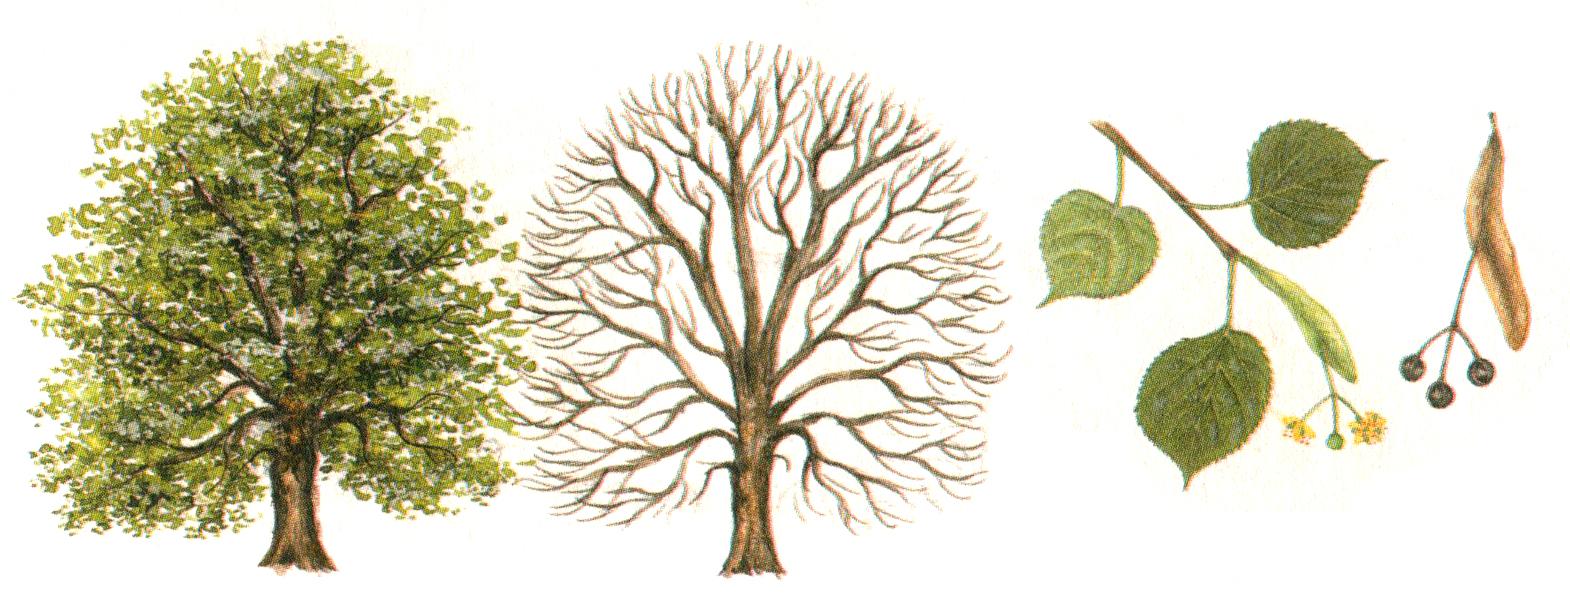 как выглядит дерево липа